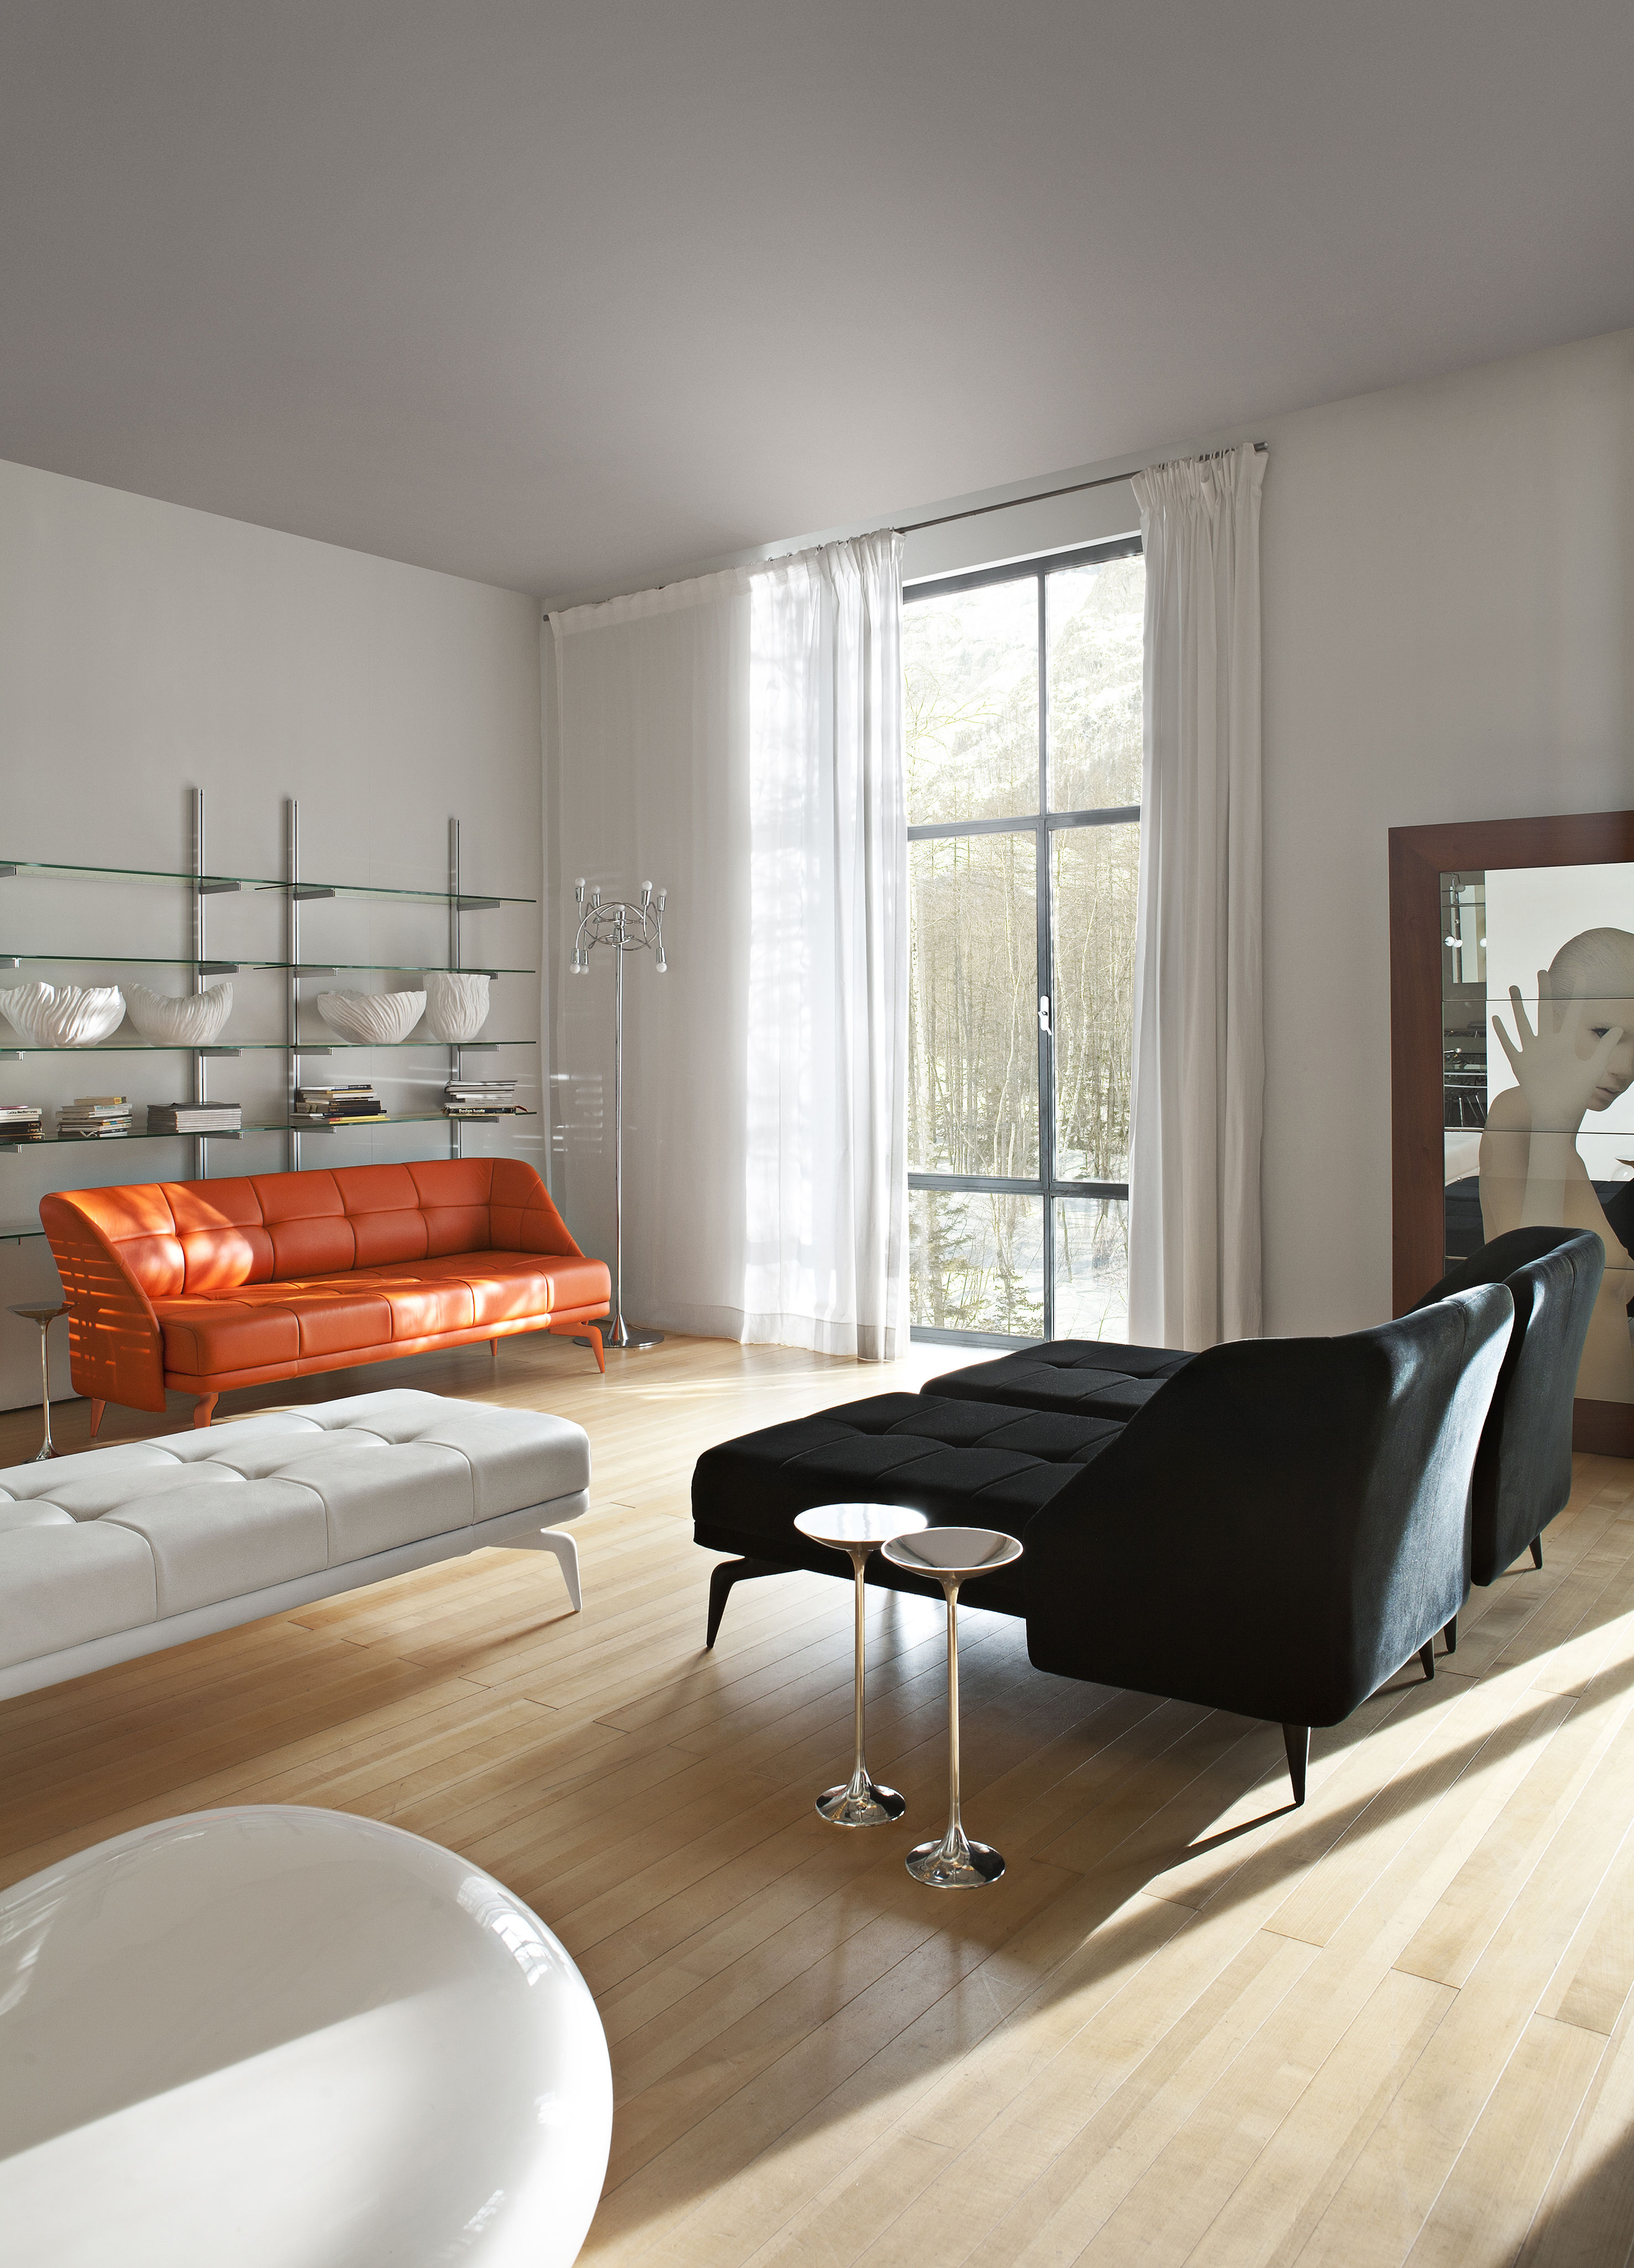 banc leeon cuir blanc driade. Black Bedroom Furniture Sets. Home Design Ideas